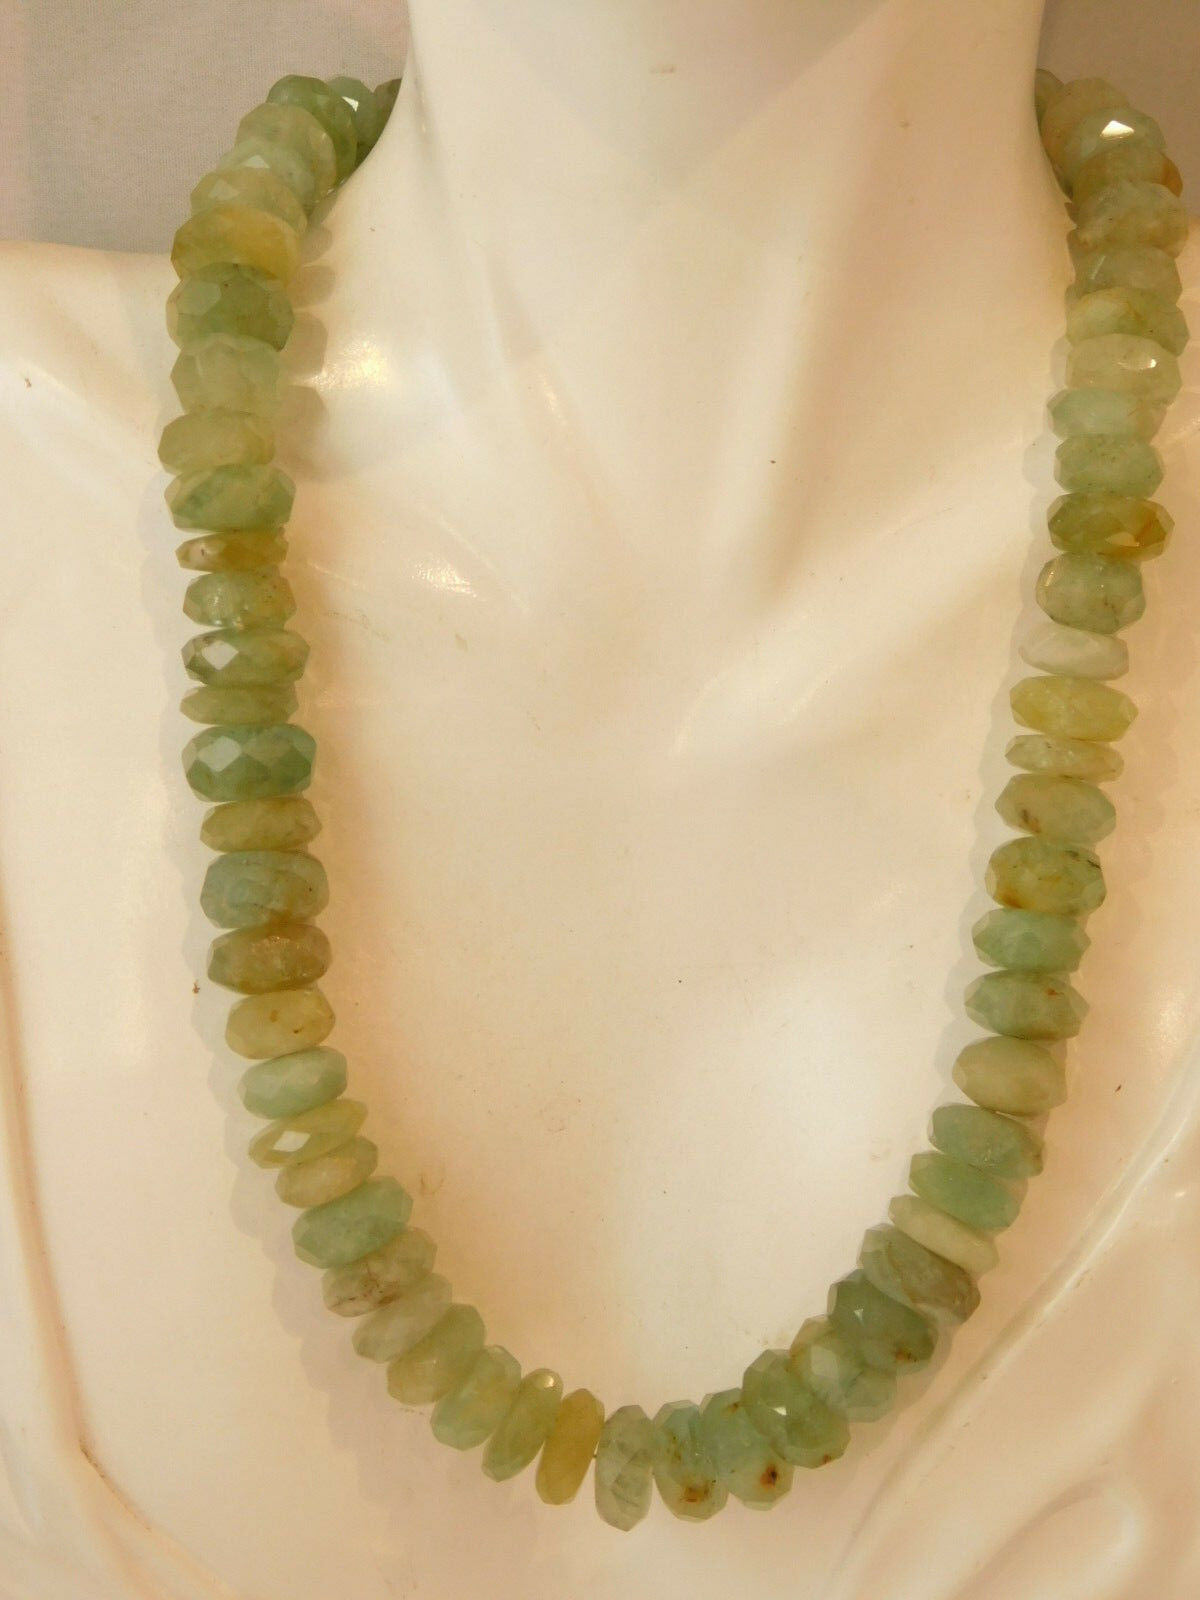 Sfaccettato 1.3cm Perlina Filo Blu verde Acquamarina Quarzo Quarzo Quarzo Pietra Collana 2j 0540f2